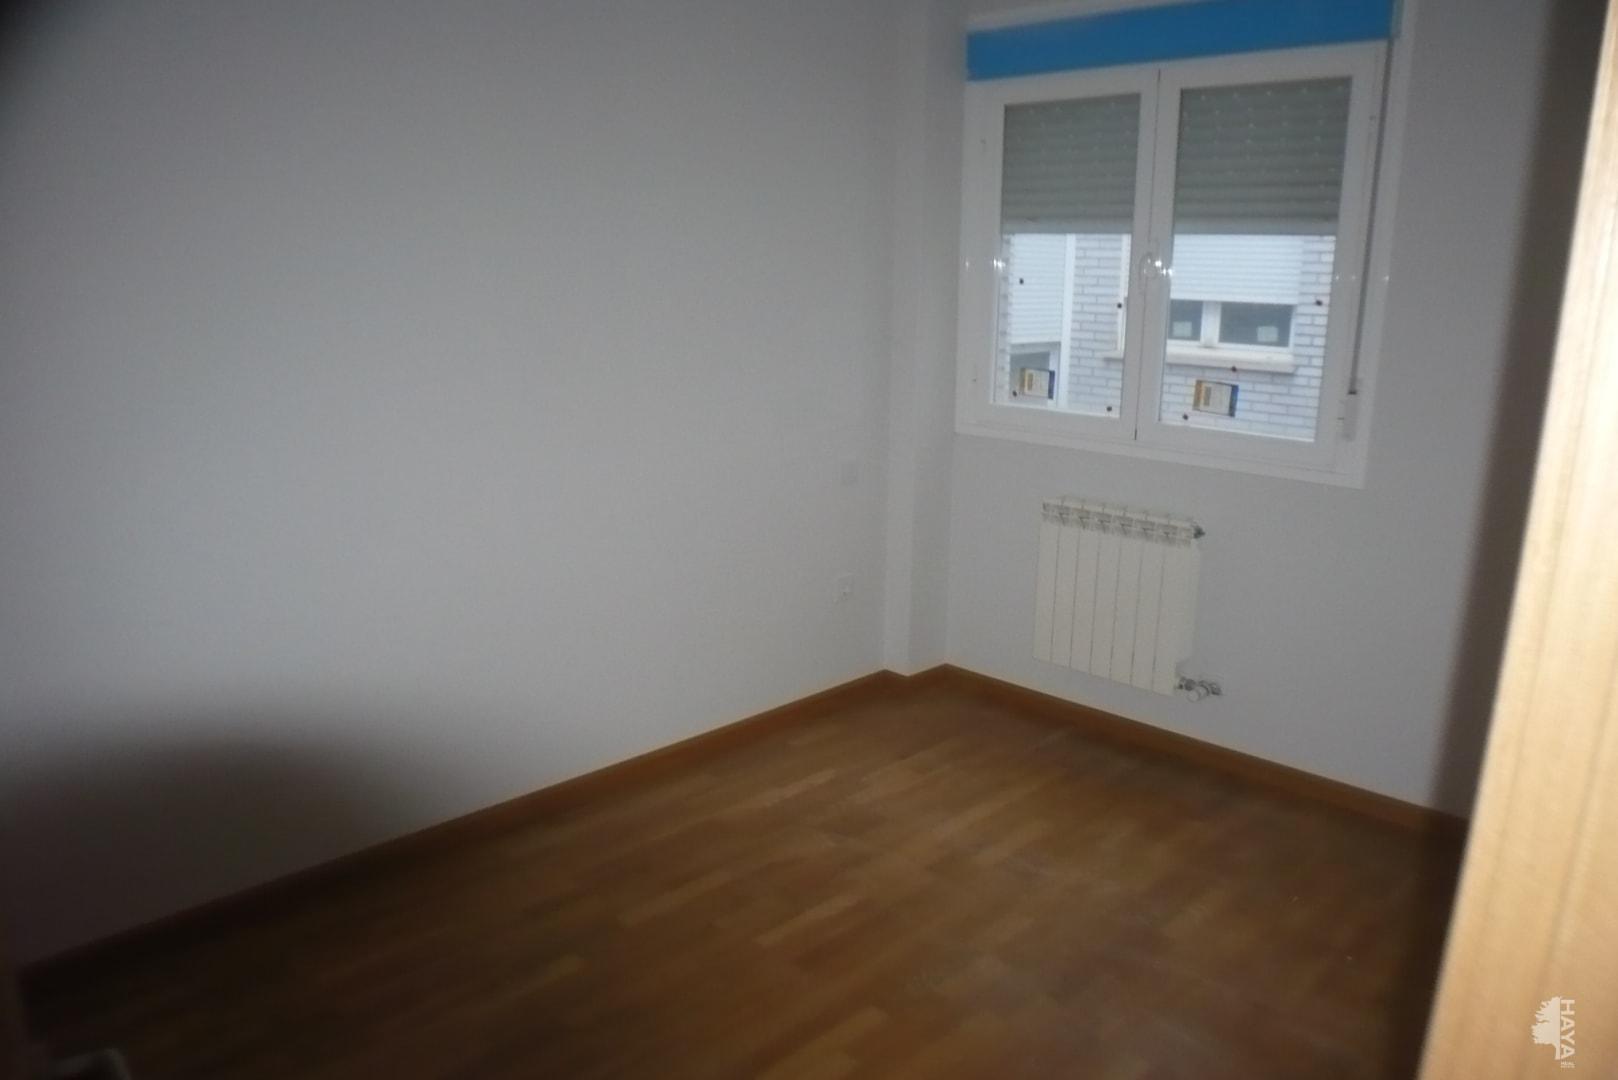 Piso en venta en Piso en Agoncillo, La Rioja, 49.000 €, 2 habitaciones, 1 baño, 62 m2